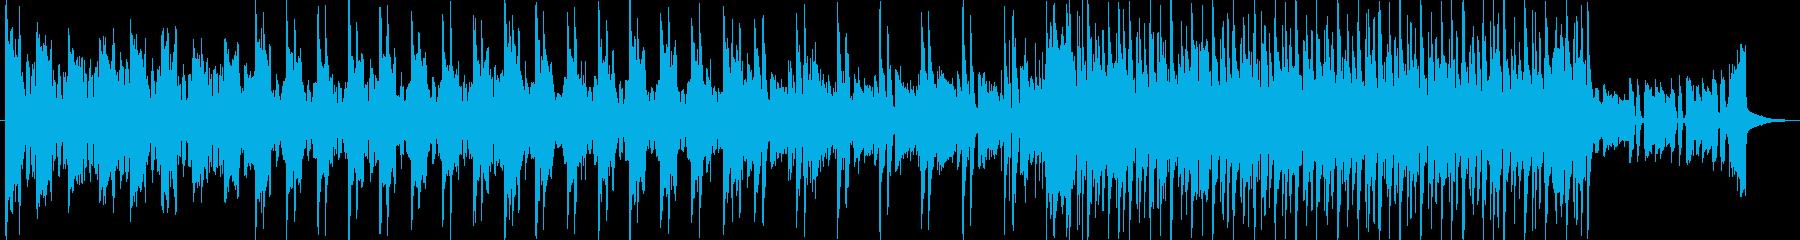 ドローン撮影などの風景動画に合うBGMの再生済みの波形